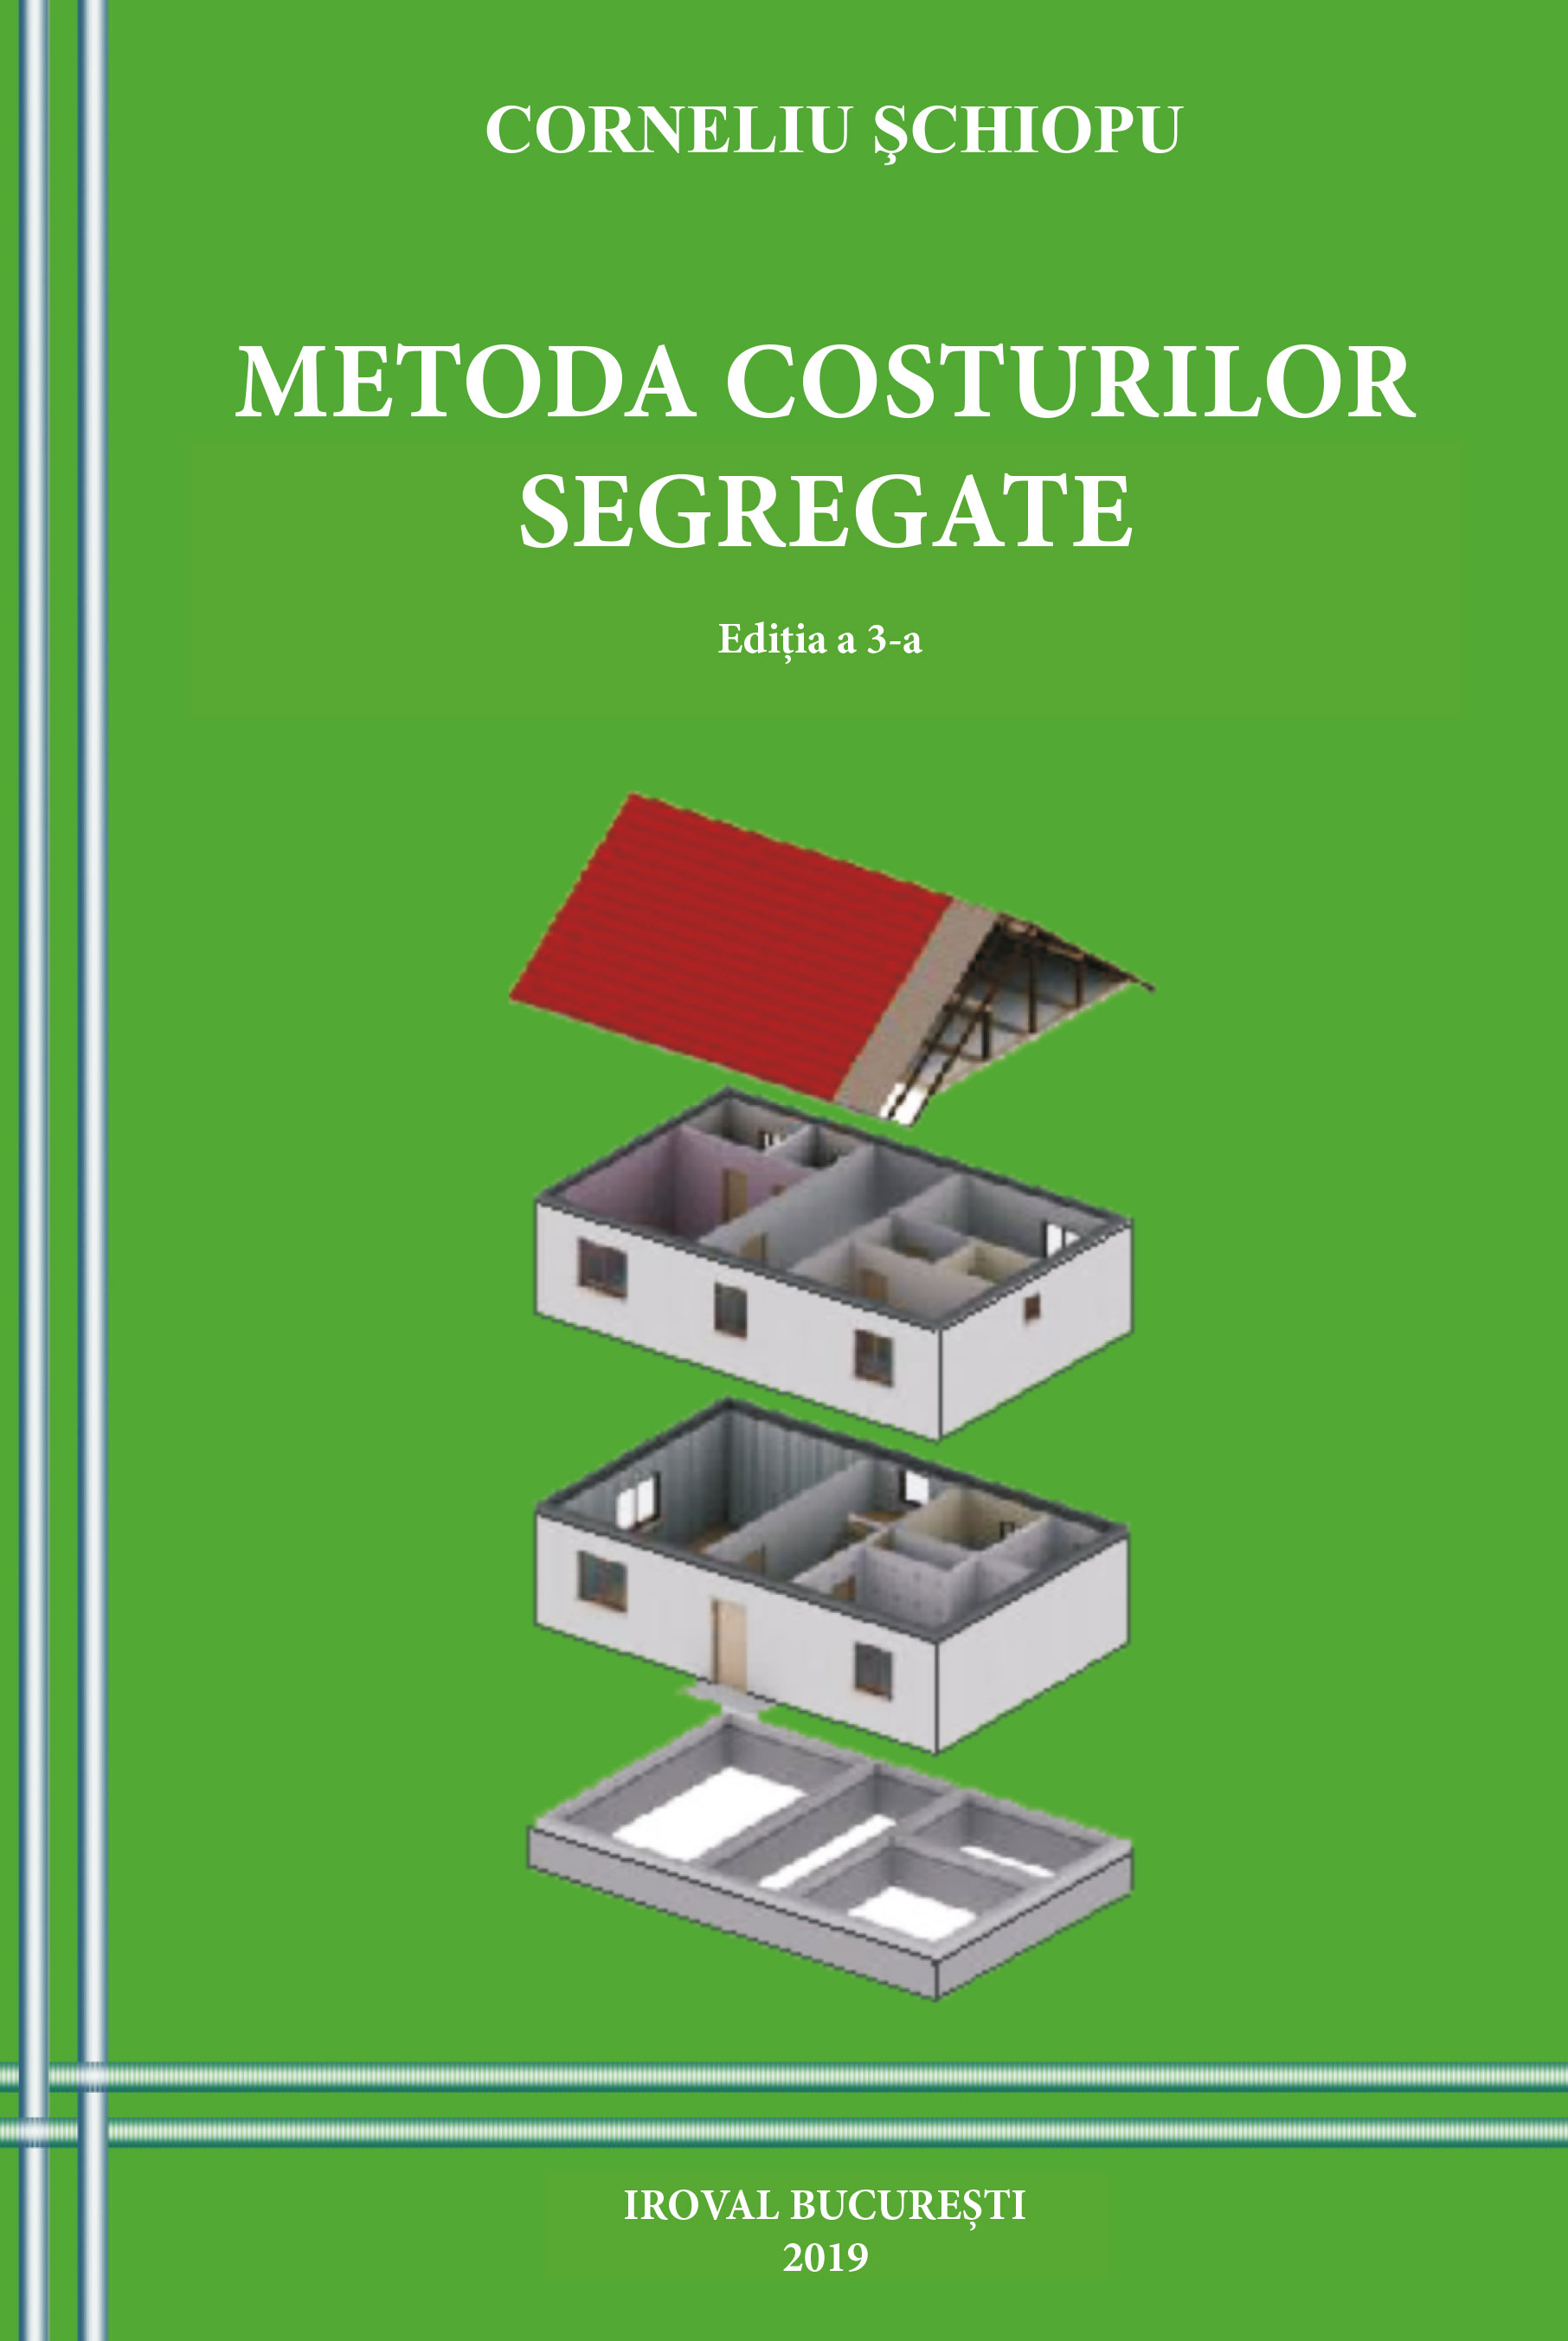 Metoda costurilor segregate - ediția 2019